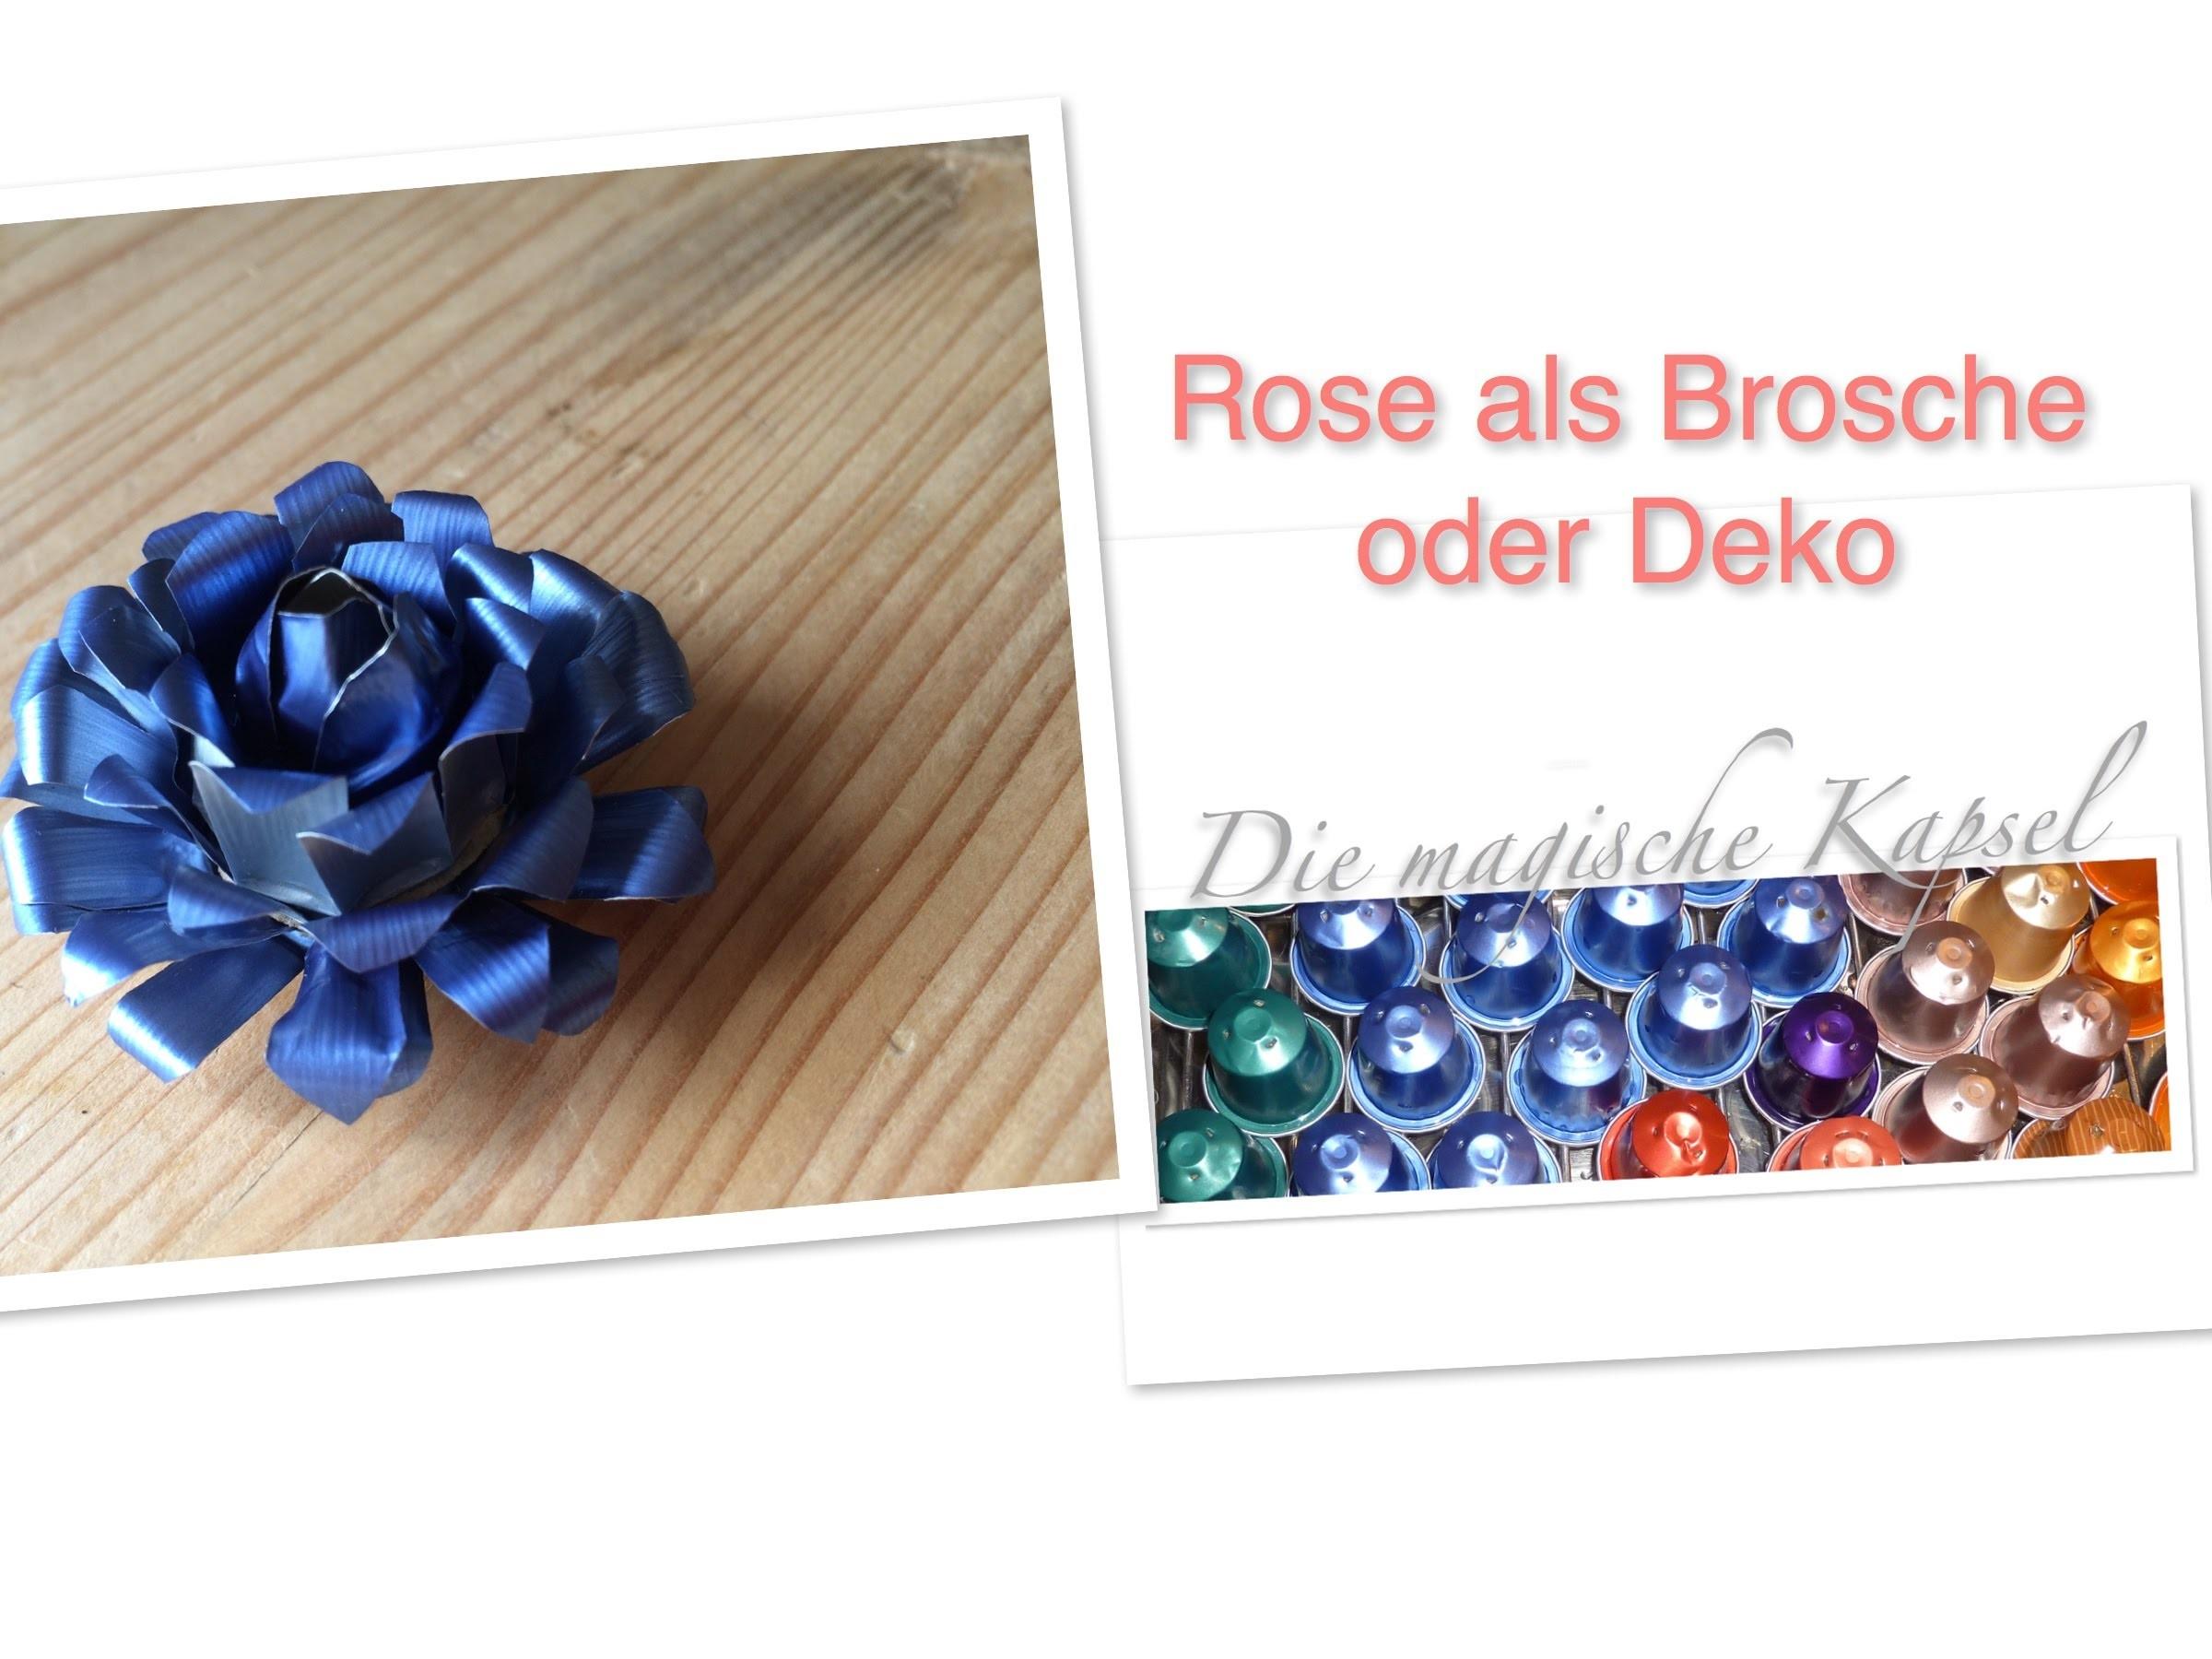 Nespresso Deko Schmuck Anleitung Rose als Deko oder Brosche - die magische (Kaffee-) Kapsel